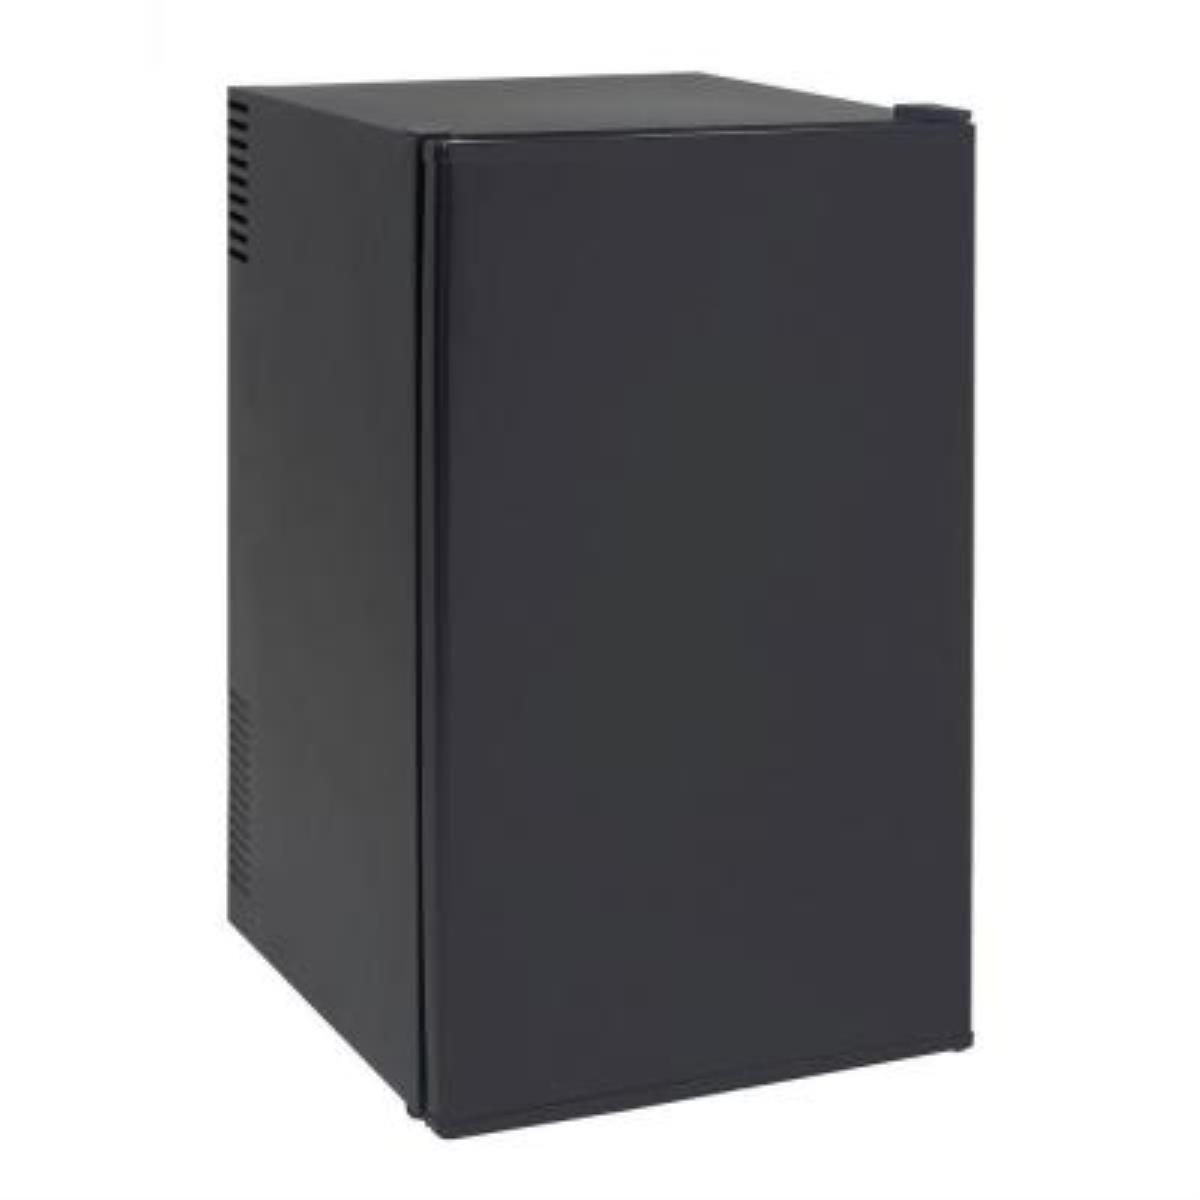 AVANTI #SHP2501B Superc 2.5cf Fridge Black OB